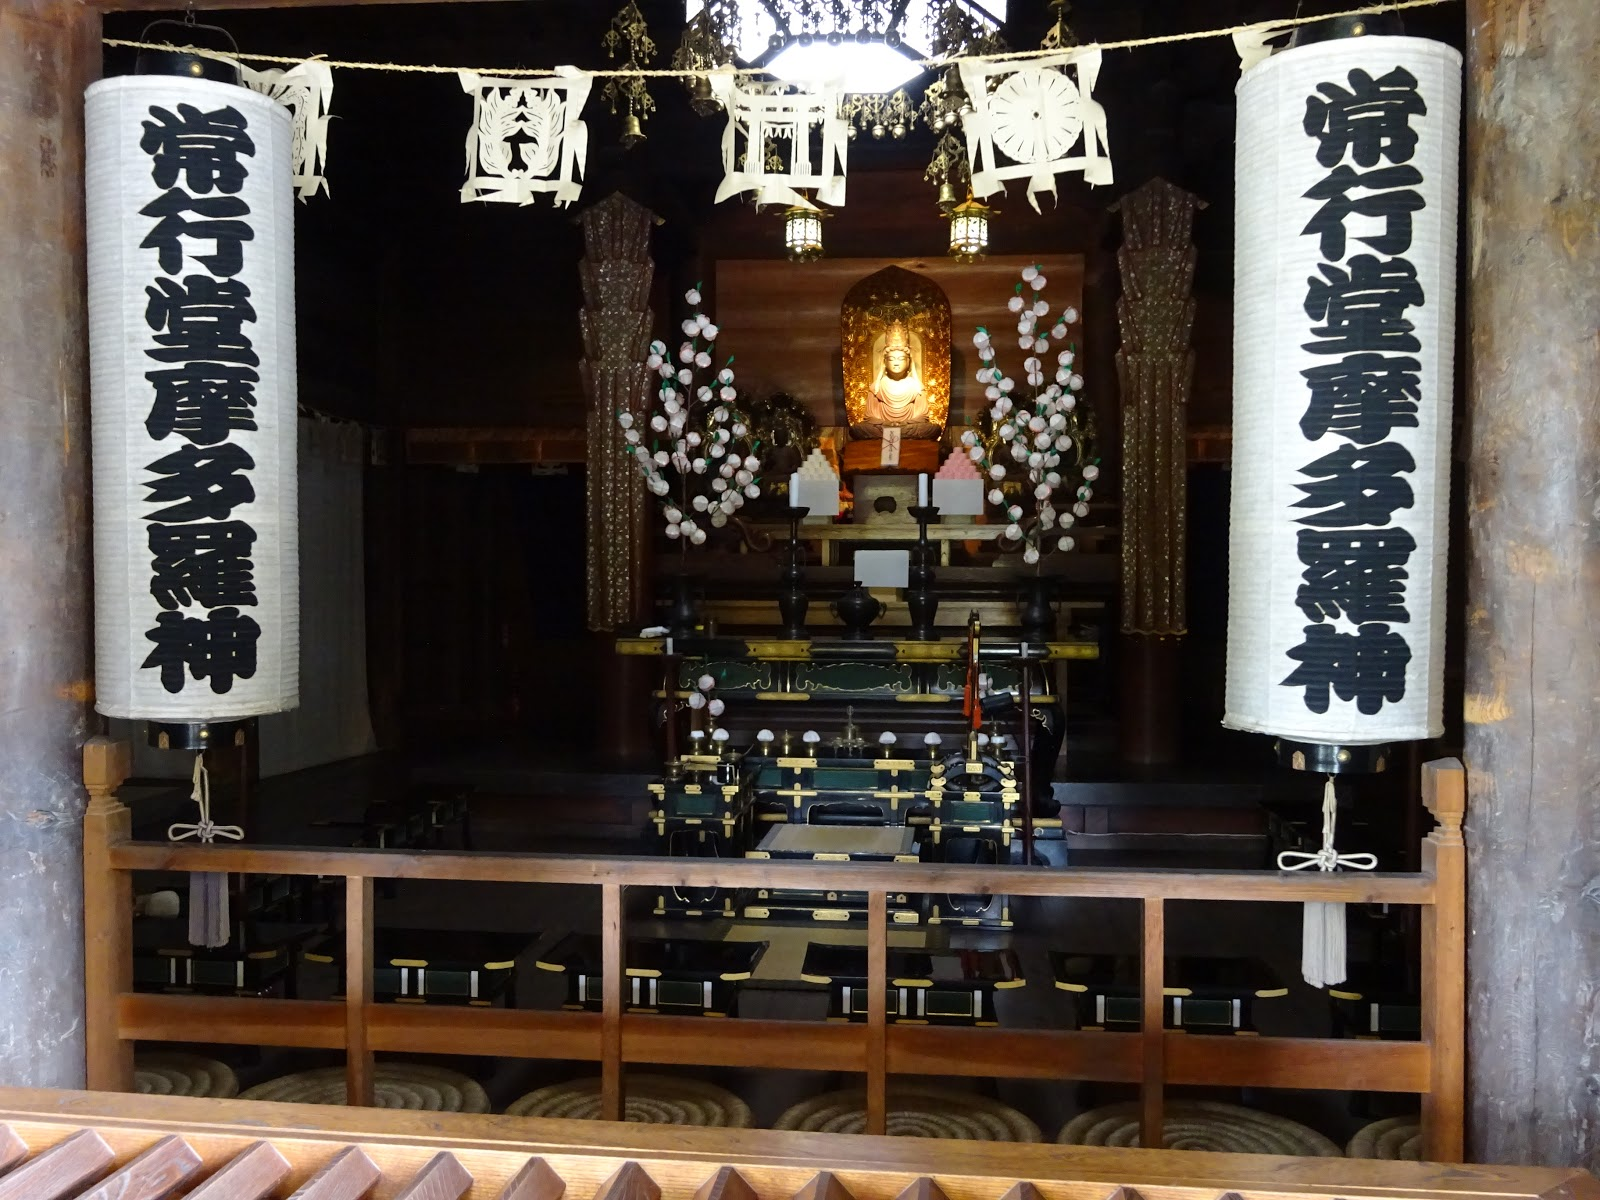 伊達吉村の画像 p1_32